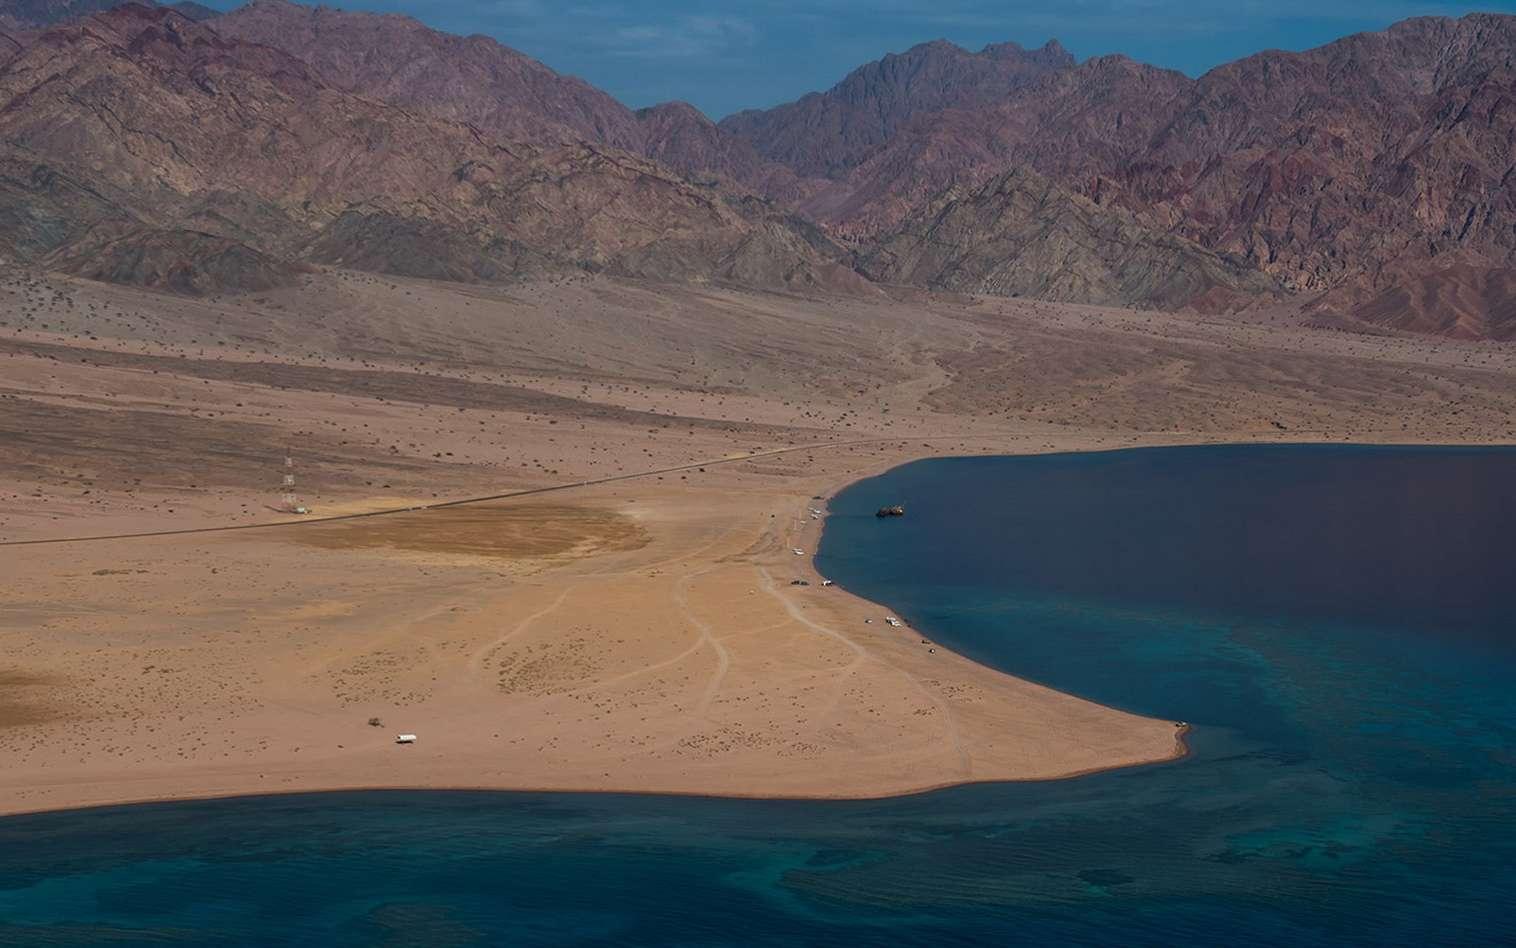 La mégapole Neom sortira de terre dans cette zone désertique du nord-ouest de l'Arabie saoudite. © Discover Neom